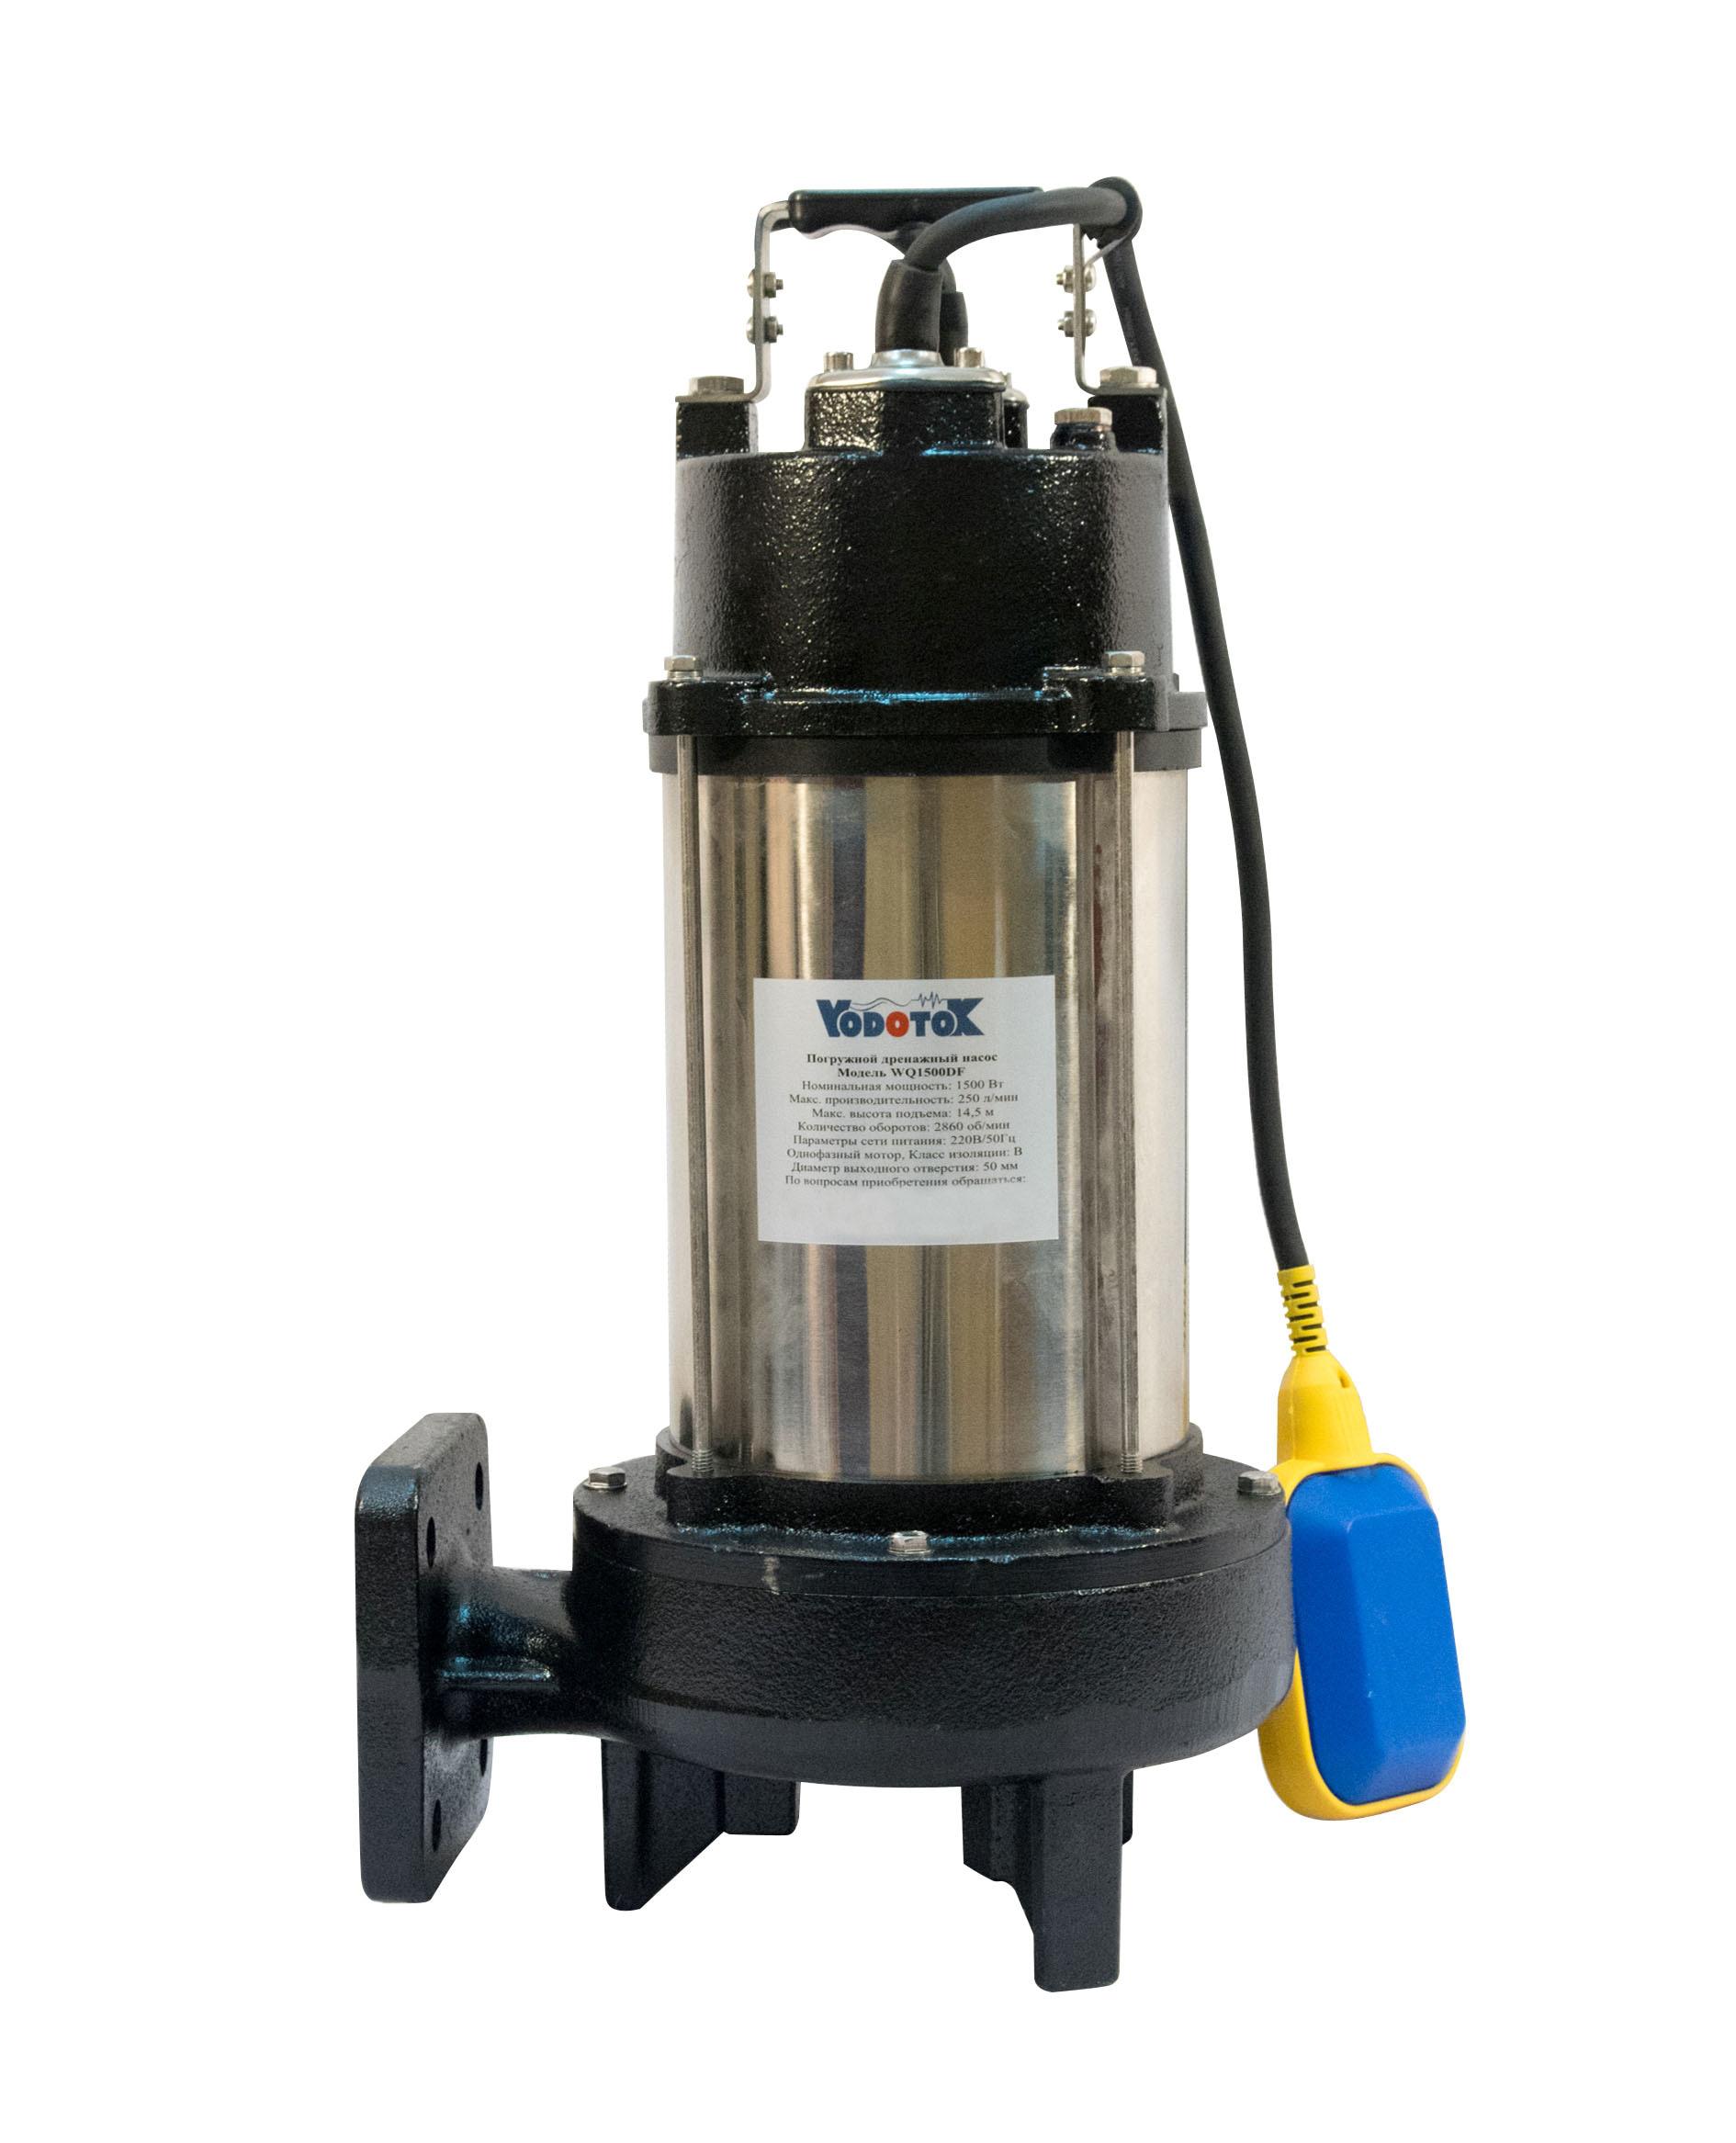 Характеристики фекальных насосов: максимальная производительность до м³/час; максимальный напор до 95 метров водяного столба.